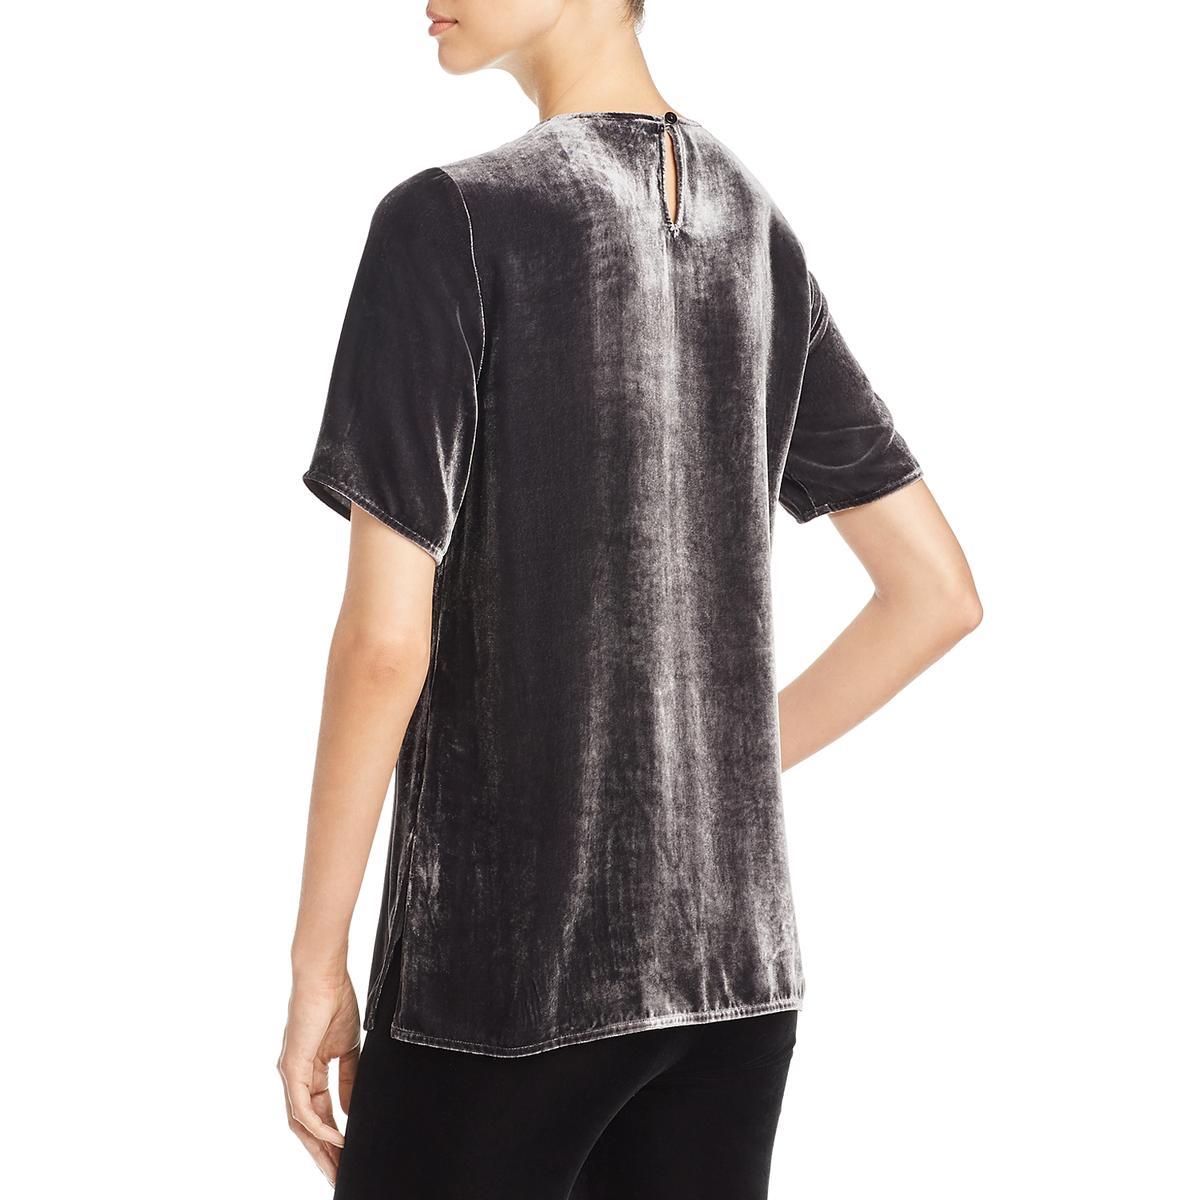 Eileen-Fisher-Womens-Velvet-Short-Sleeve-Pullover-Blouse-Top-BHFO-5939 thumbnail 4